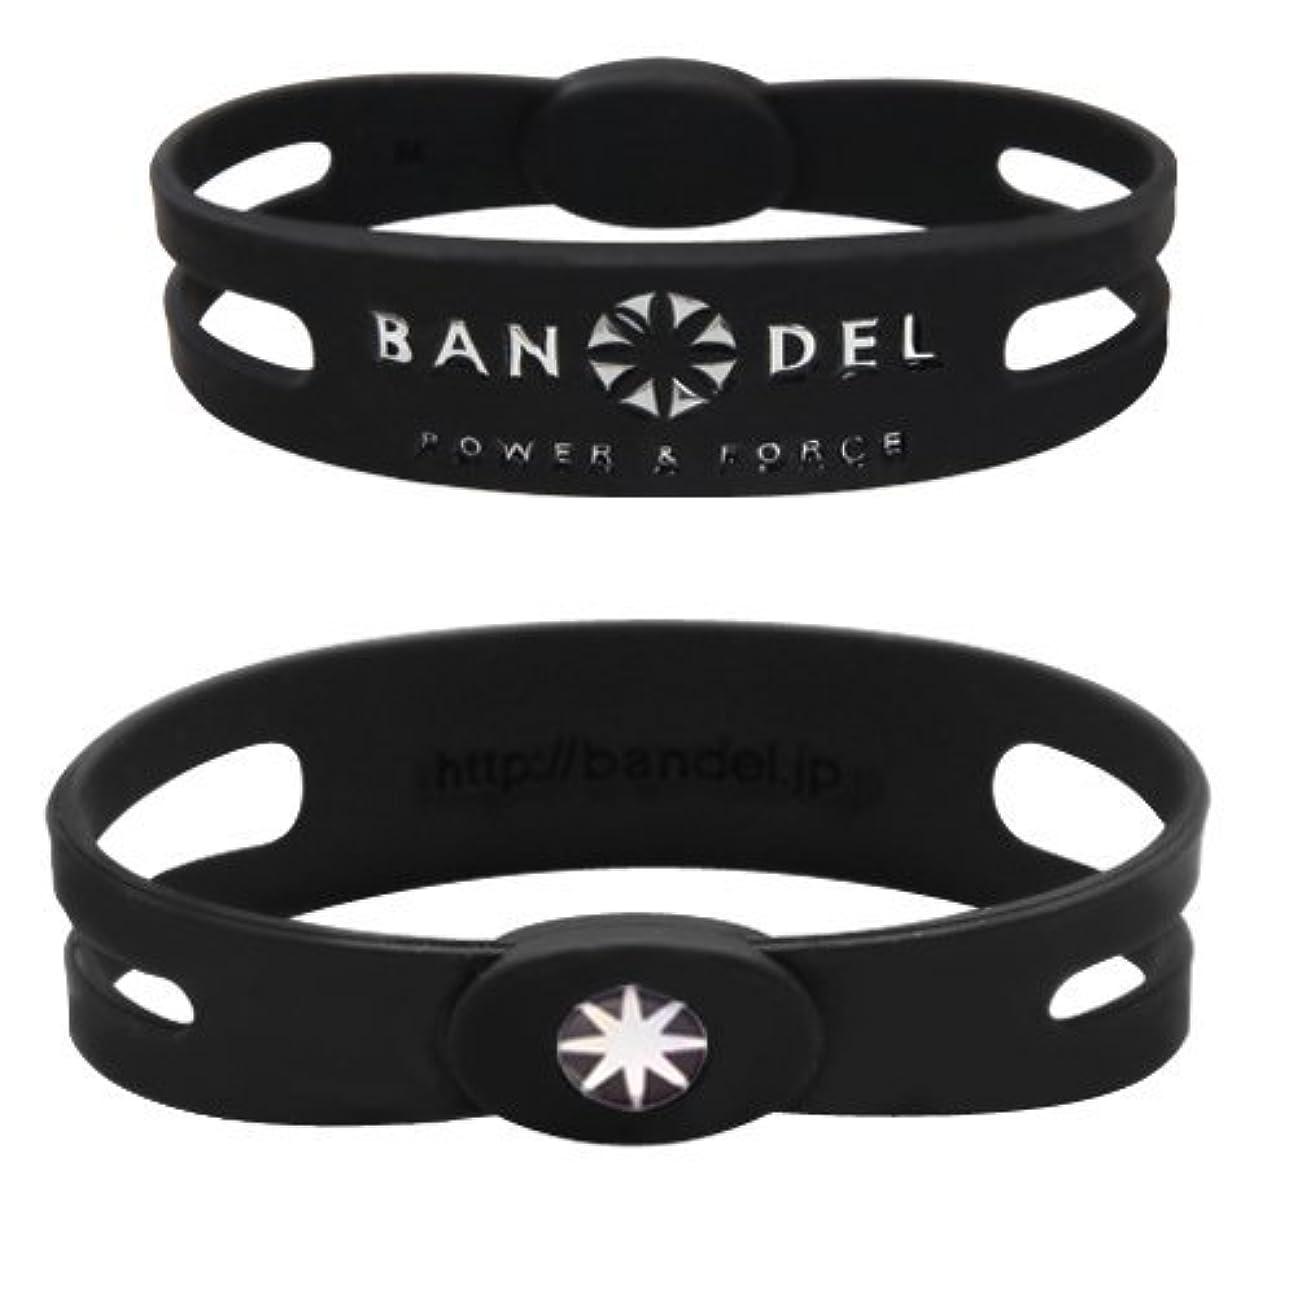 日帰り旅行に弾丸掃くバンデル(BANDEL) メタルプレート シリコンブレスレット(ブラック×シルバー)